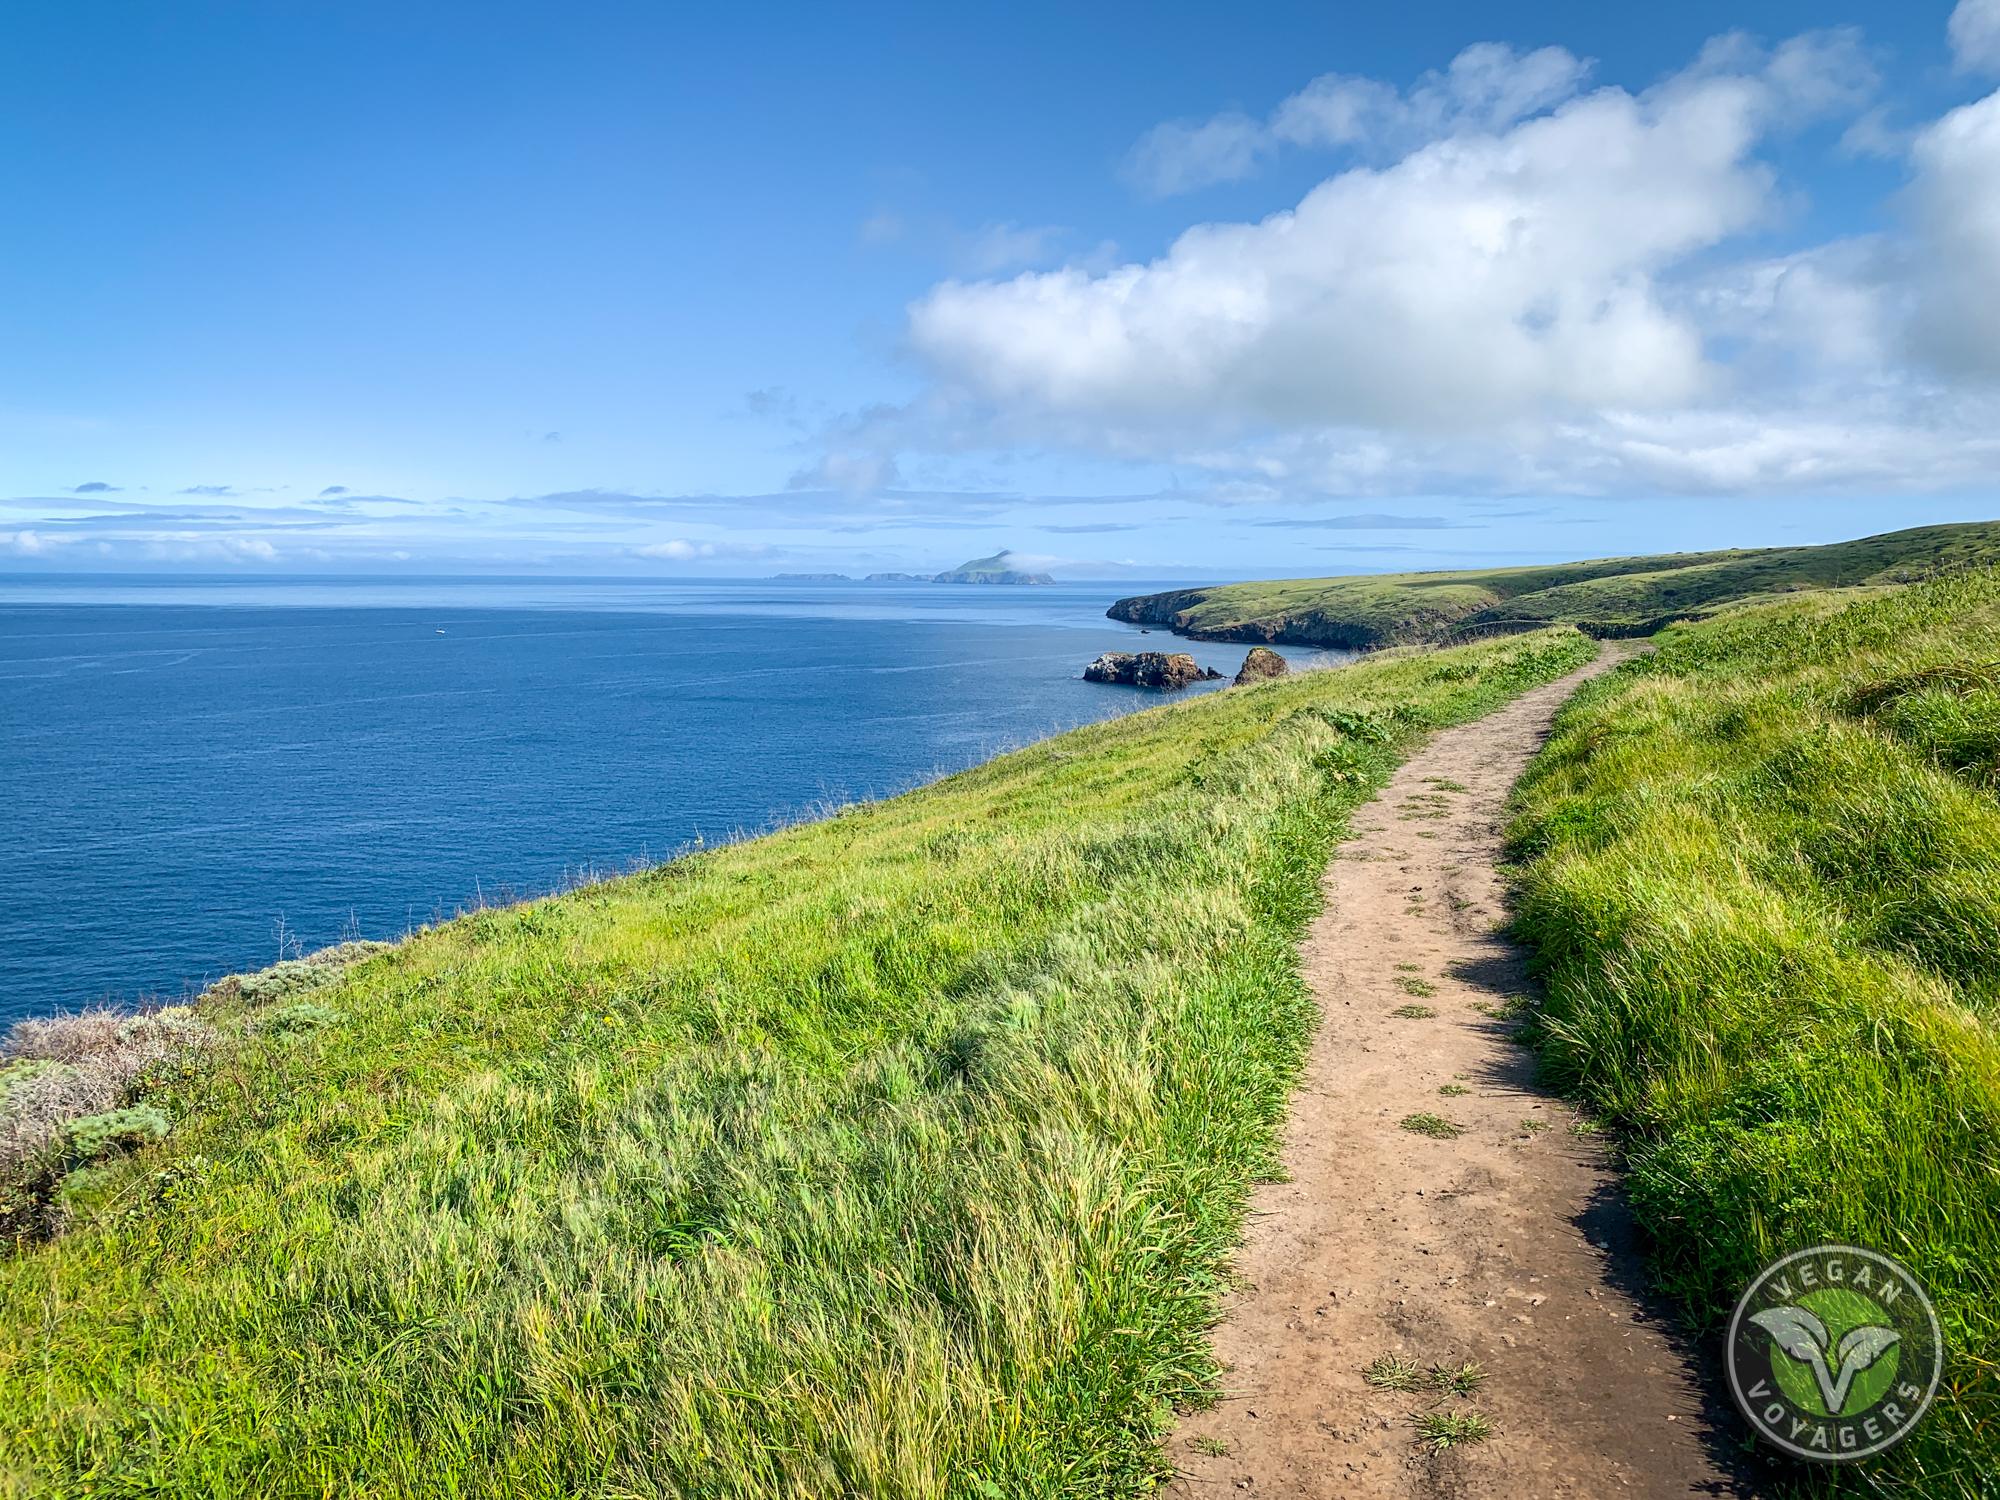 Channel Islands | 10 Unique Landscapes to Visit on a West Coast Road Trip